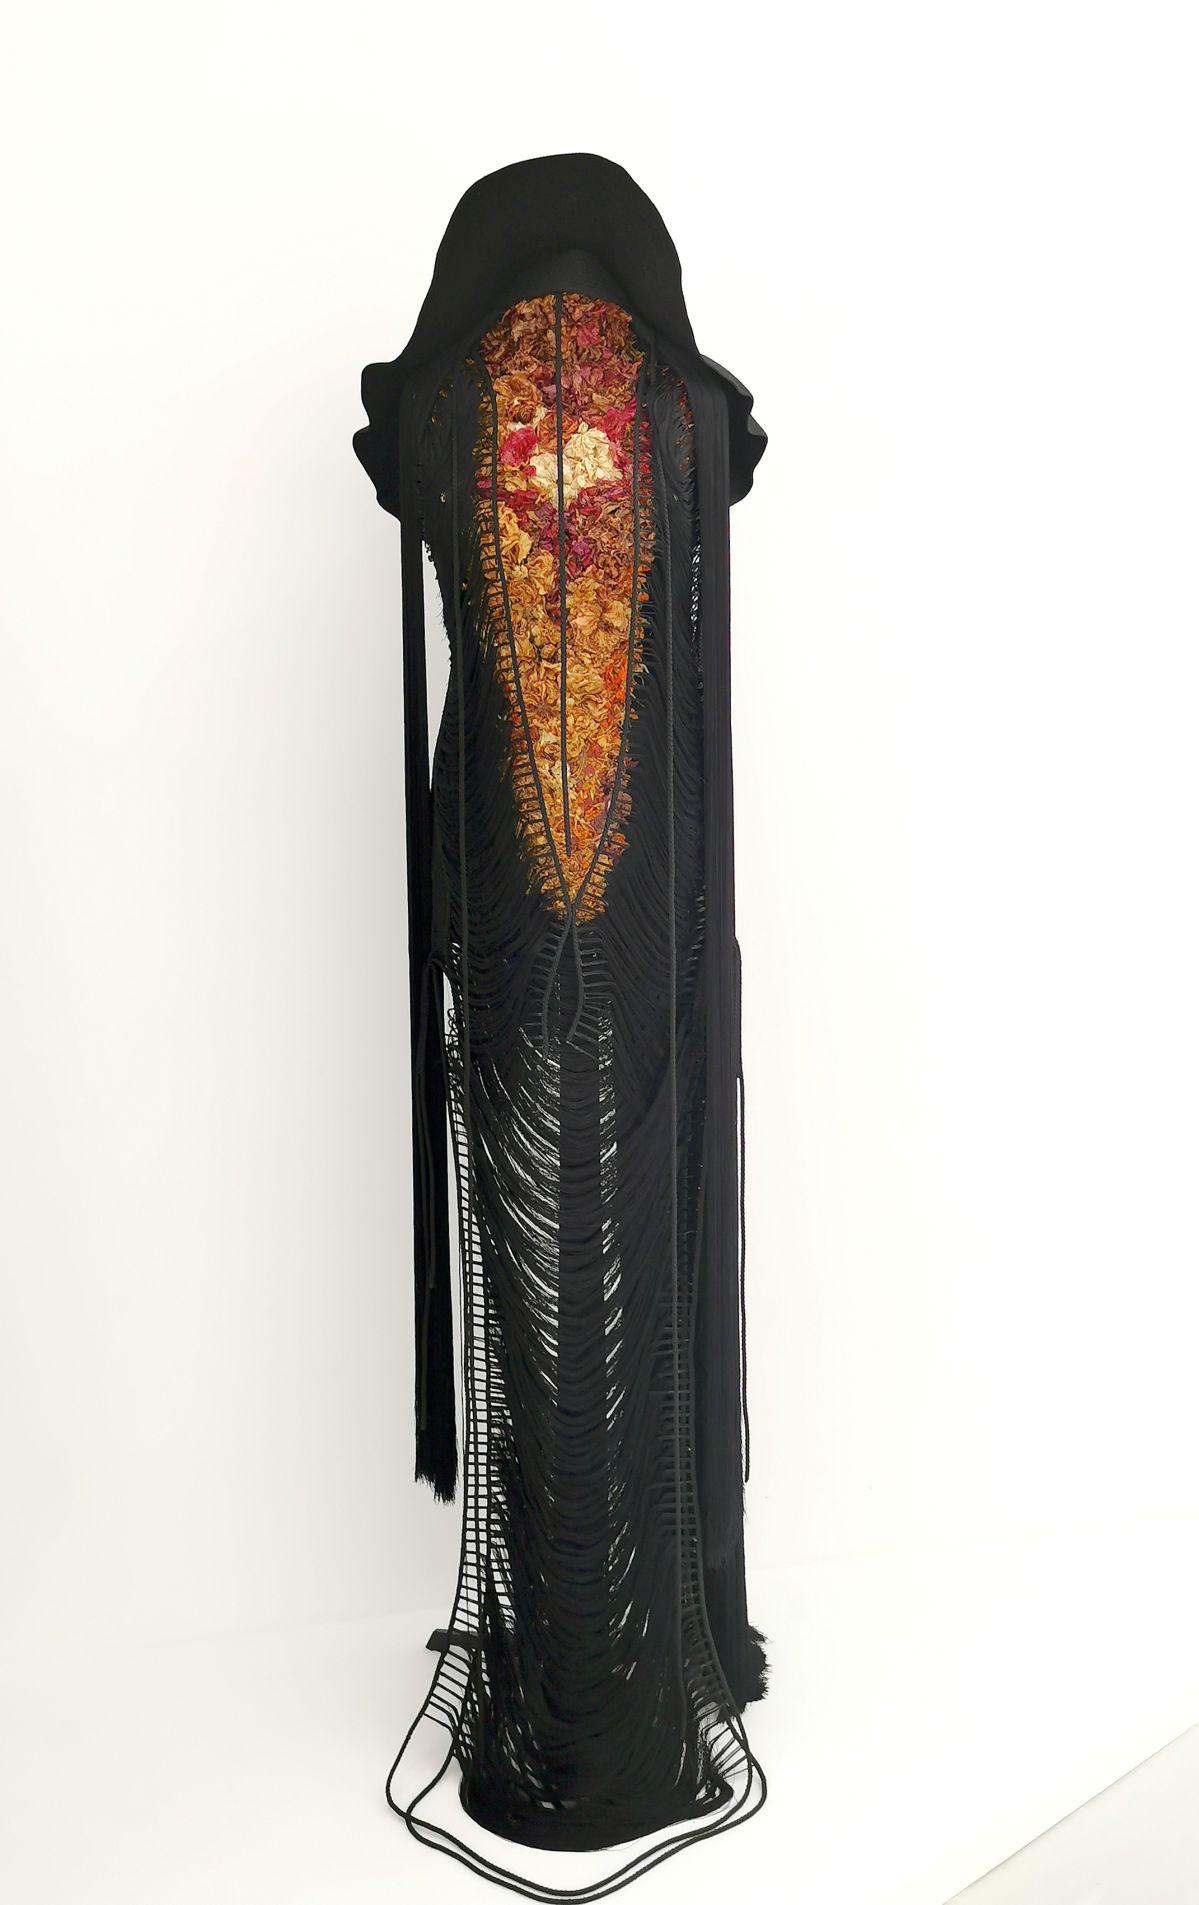 Jeanne Vicerial - Série Les Vénus ouvertes - Venerina numéro 3, 2020 - Des Vies - ¡ Viva Villa ! 2020 - Les vies minuscules à la Collection Lambert, Avignon